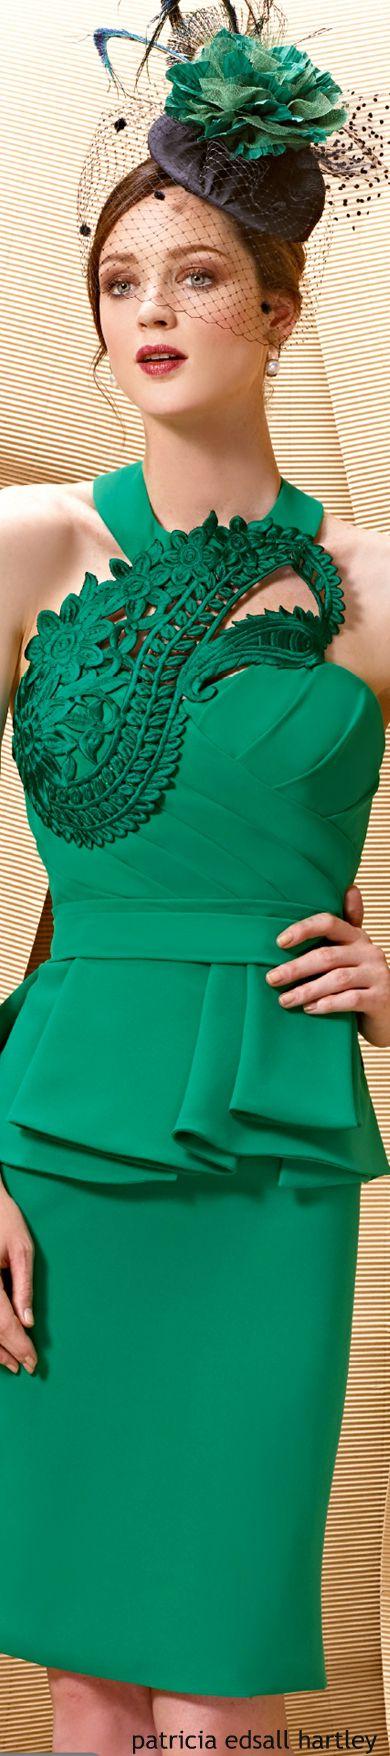 ♞ t h e c o u n t r y m a n o r {my country house. what to wear?} ♞ Angela Ariza | House of Beccaria~